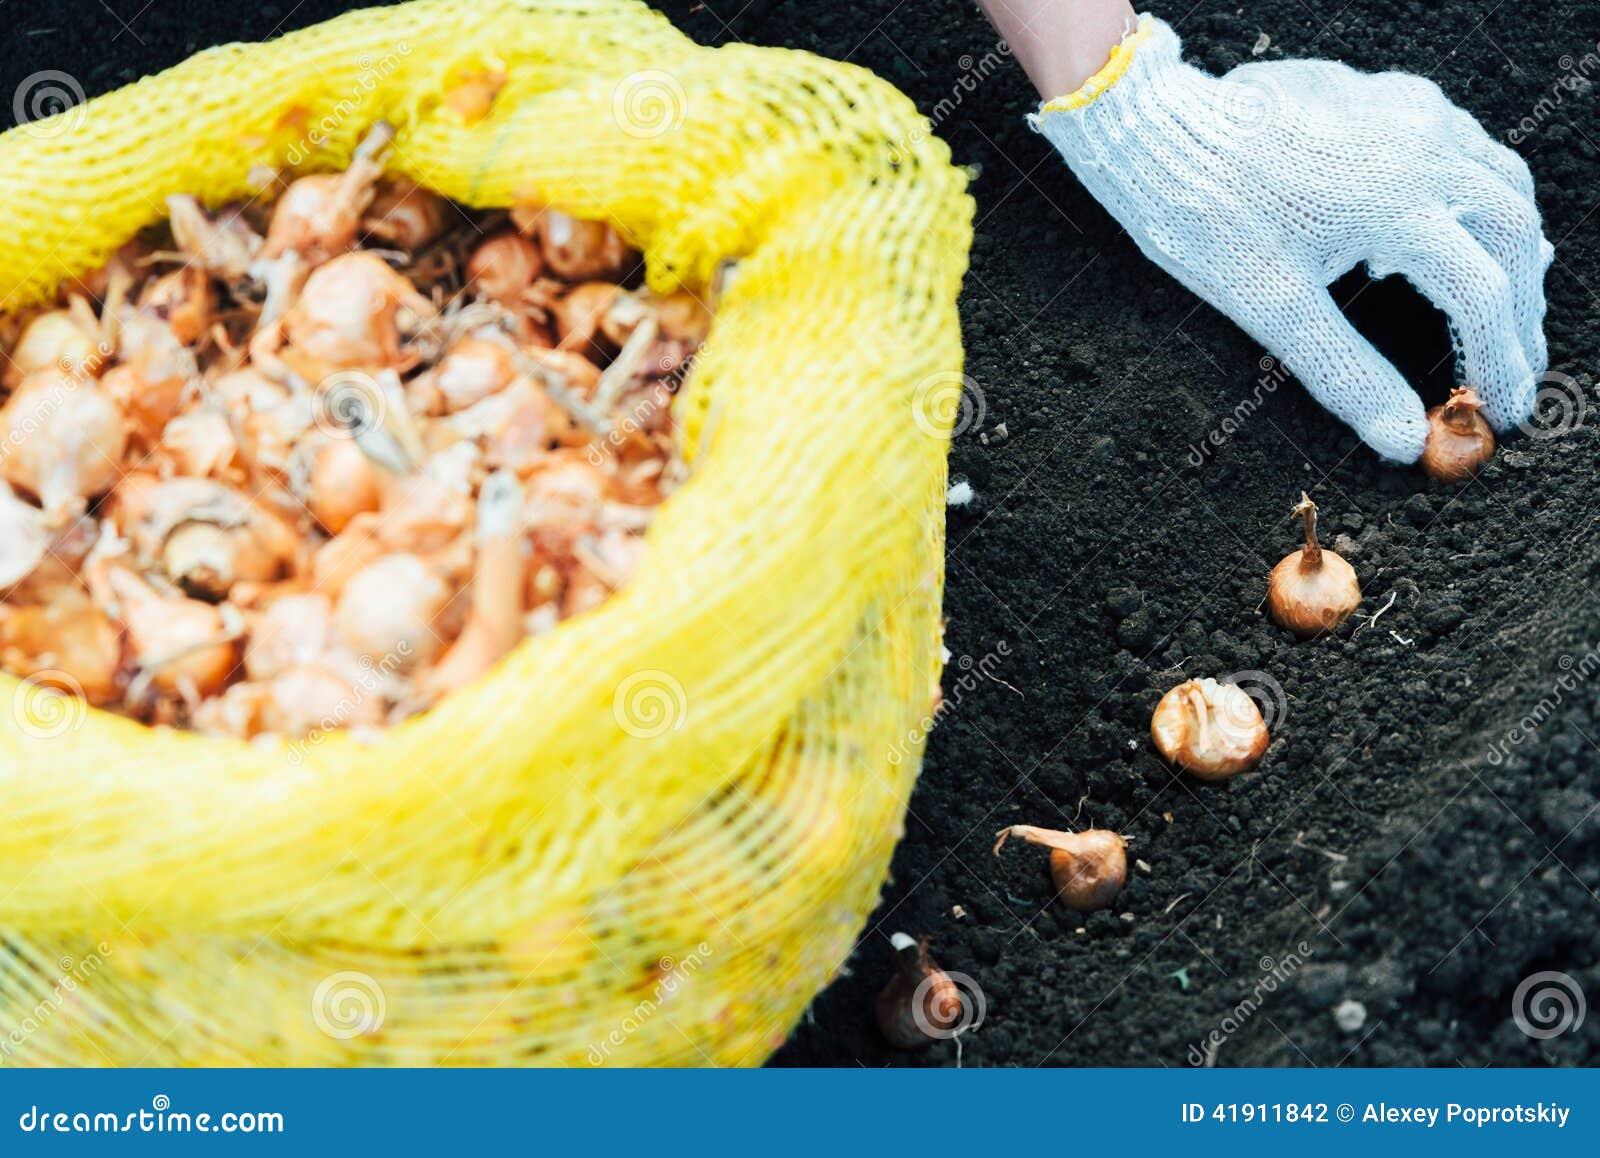 Trädgårdsmästaren planterar lökplantor